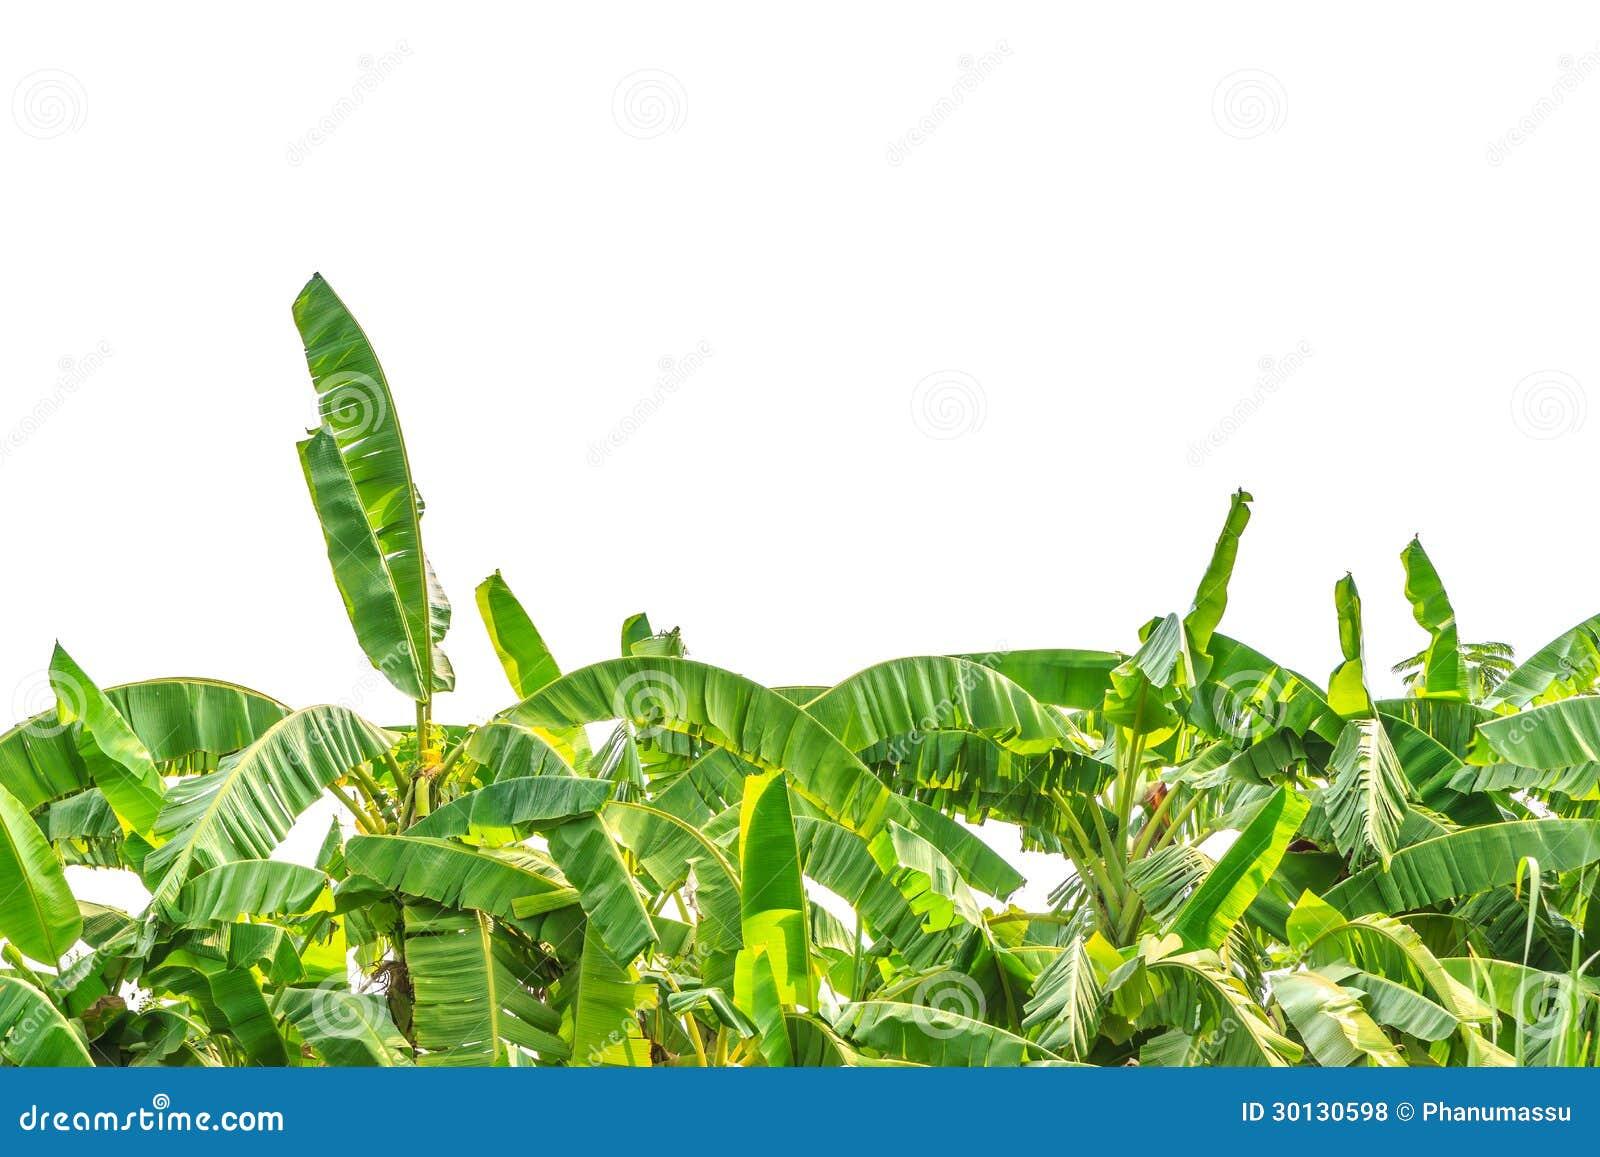 Green Banana Tree Royalty Free Stock Photos - Image: 30130598